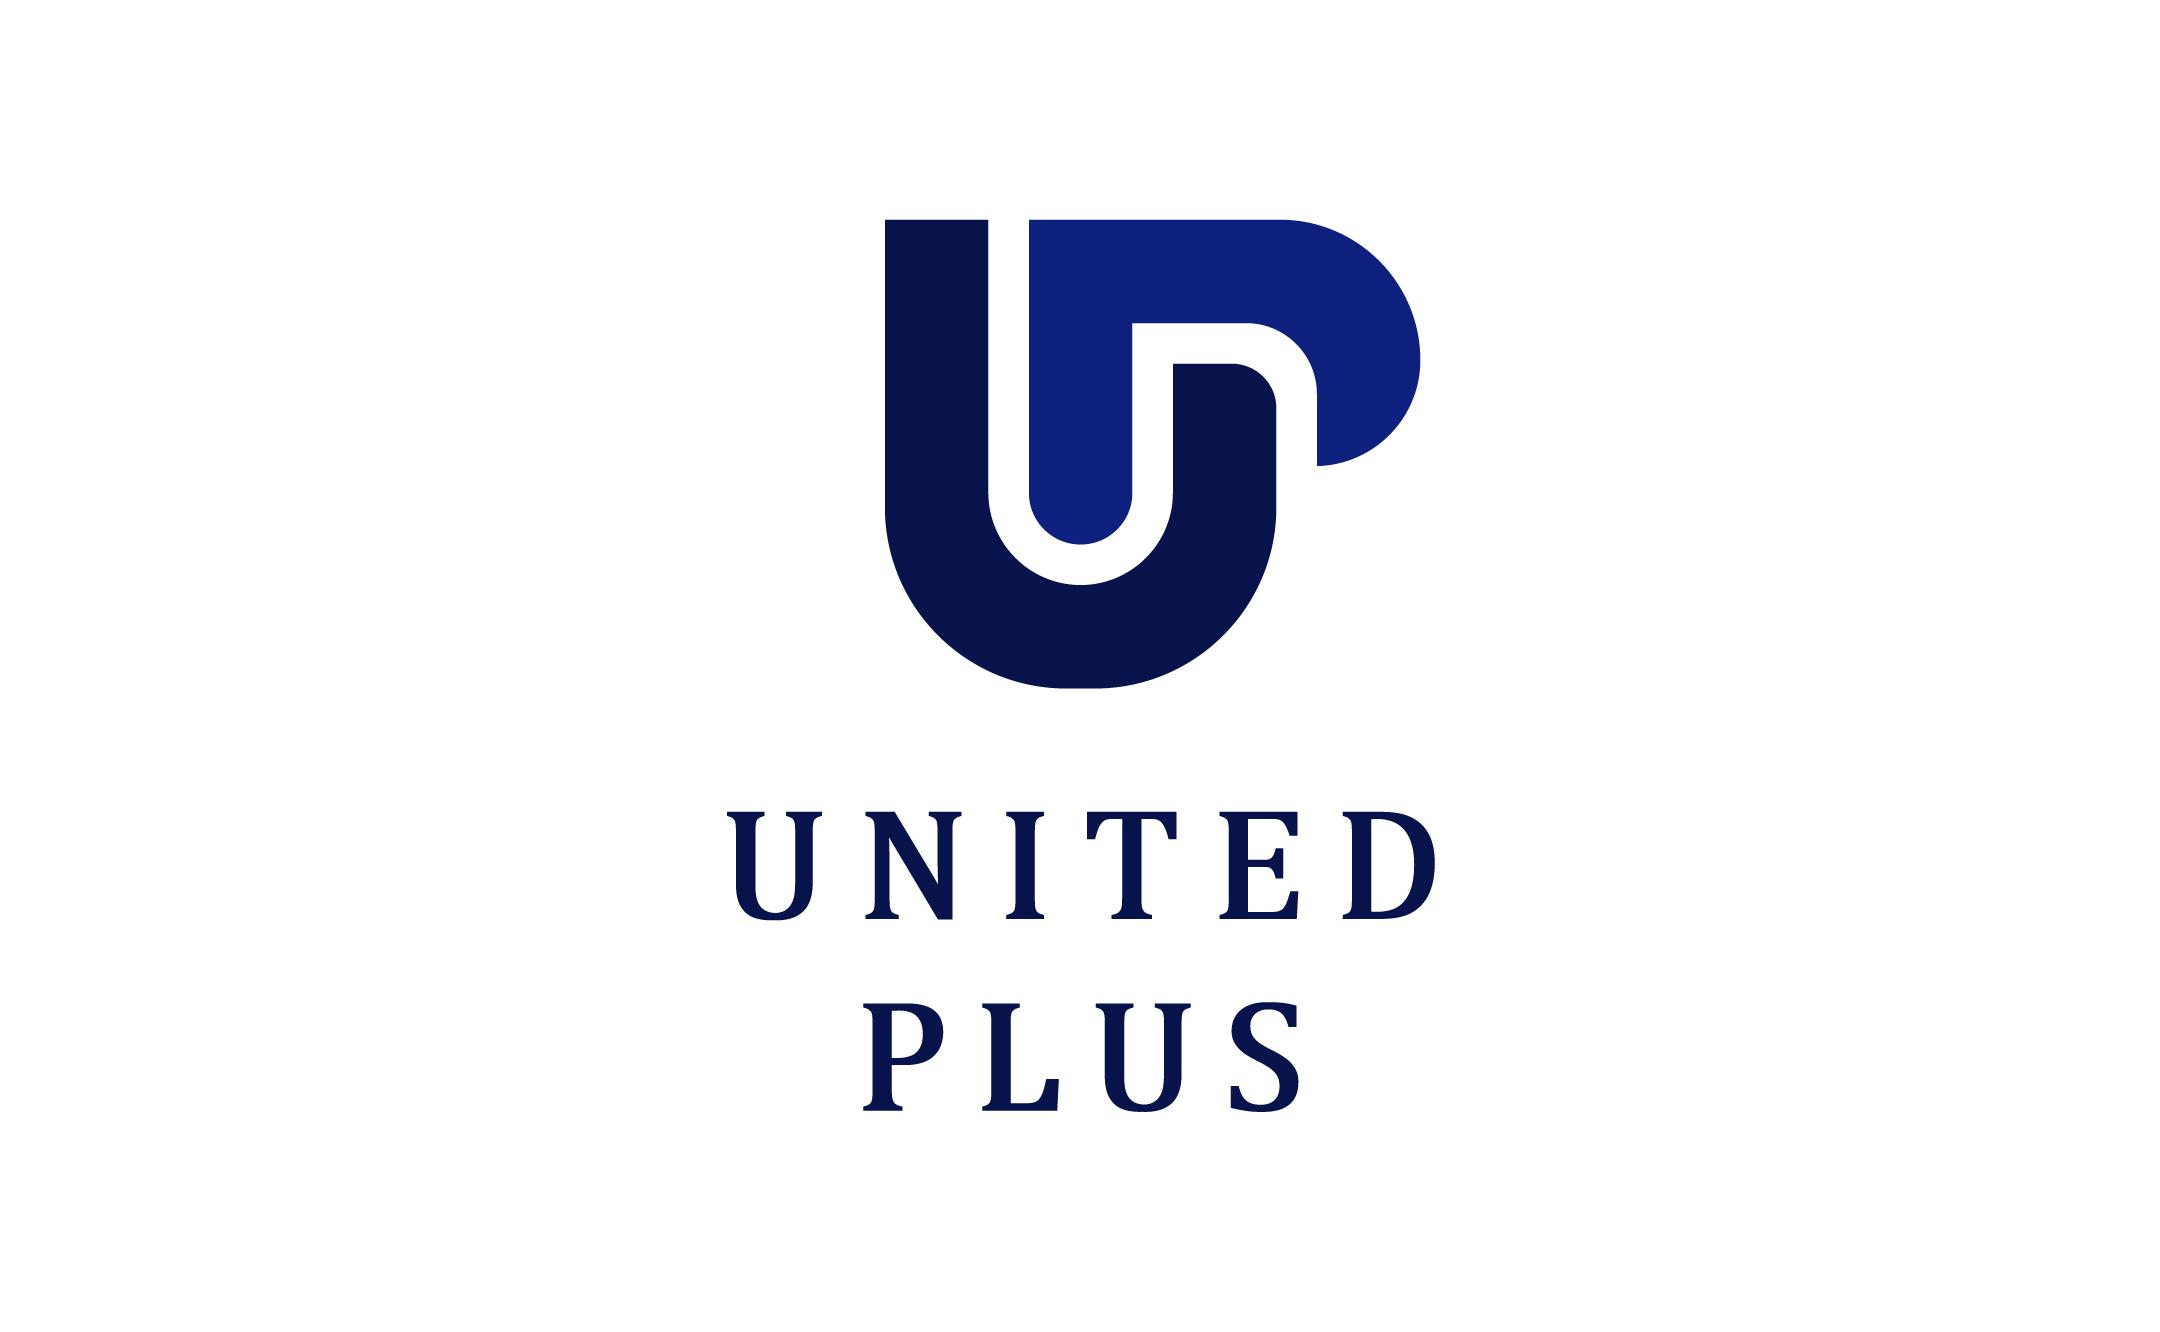 商社 UNITED PLUS デザイン制作